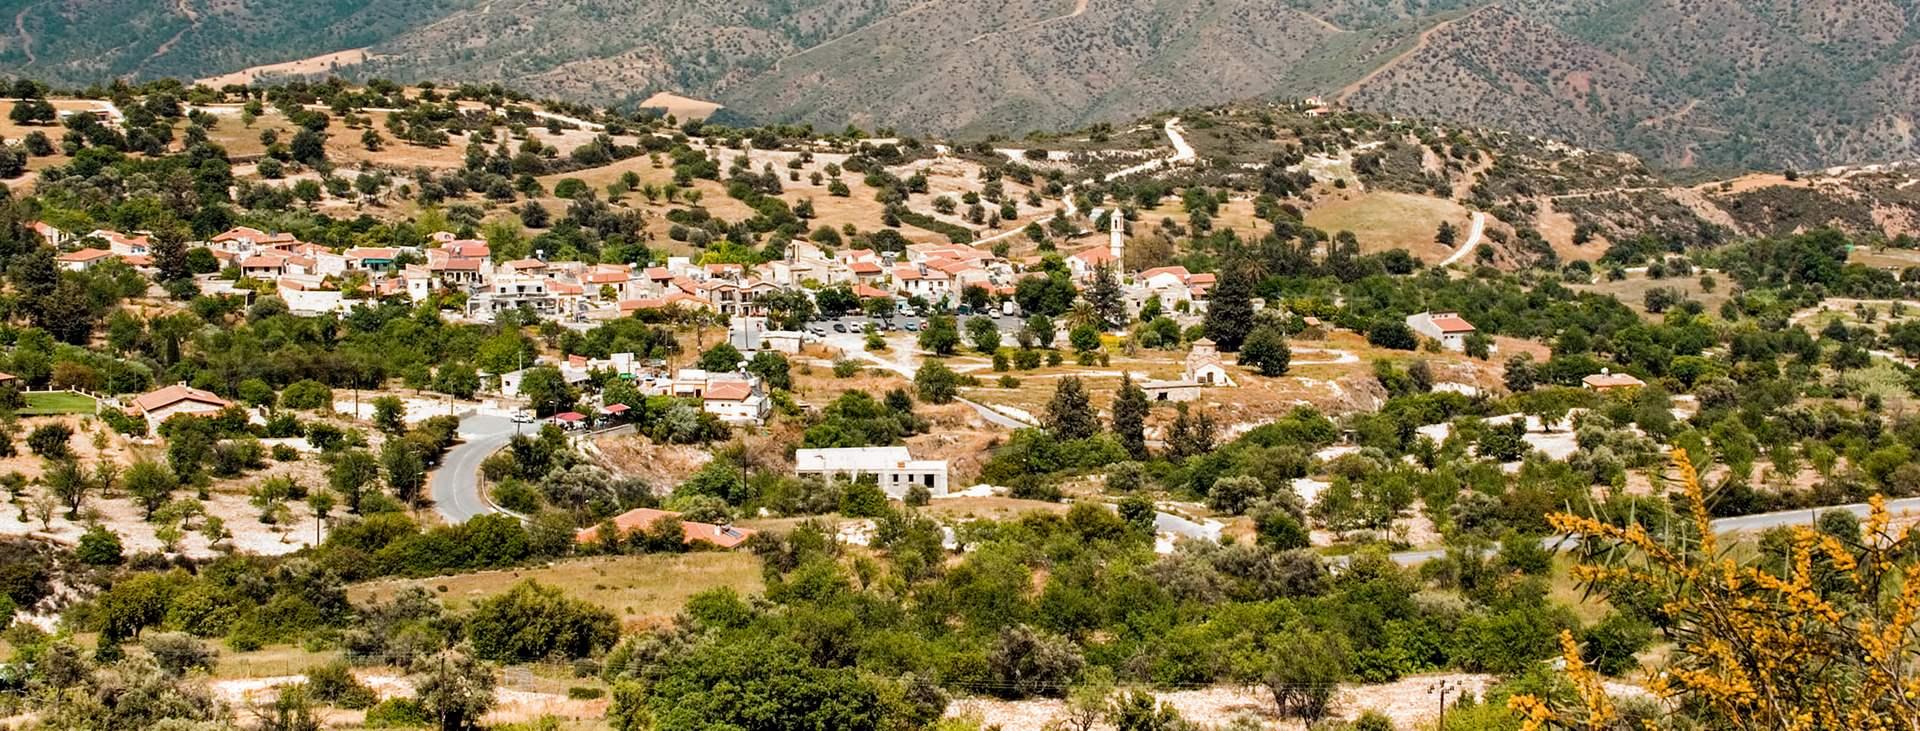 Cyperns pärlor - det bästa Trodosbergen